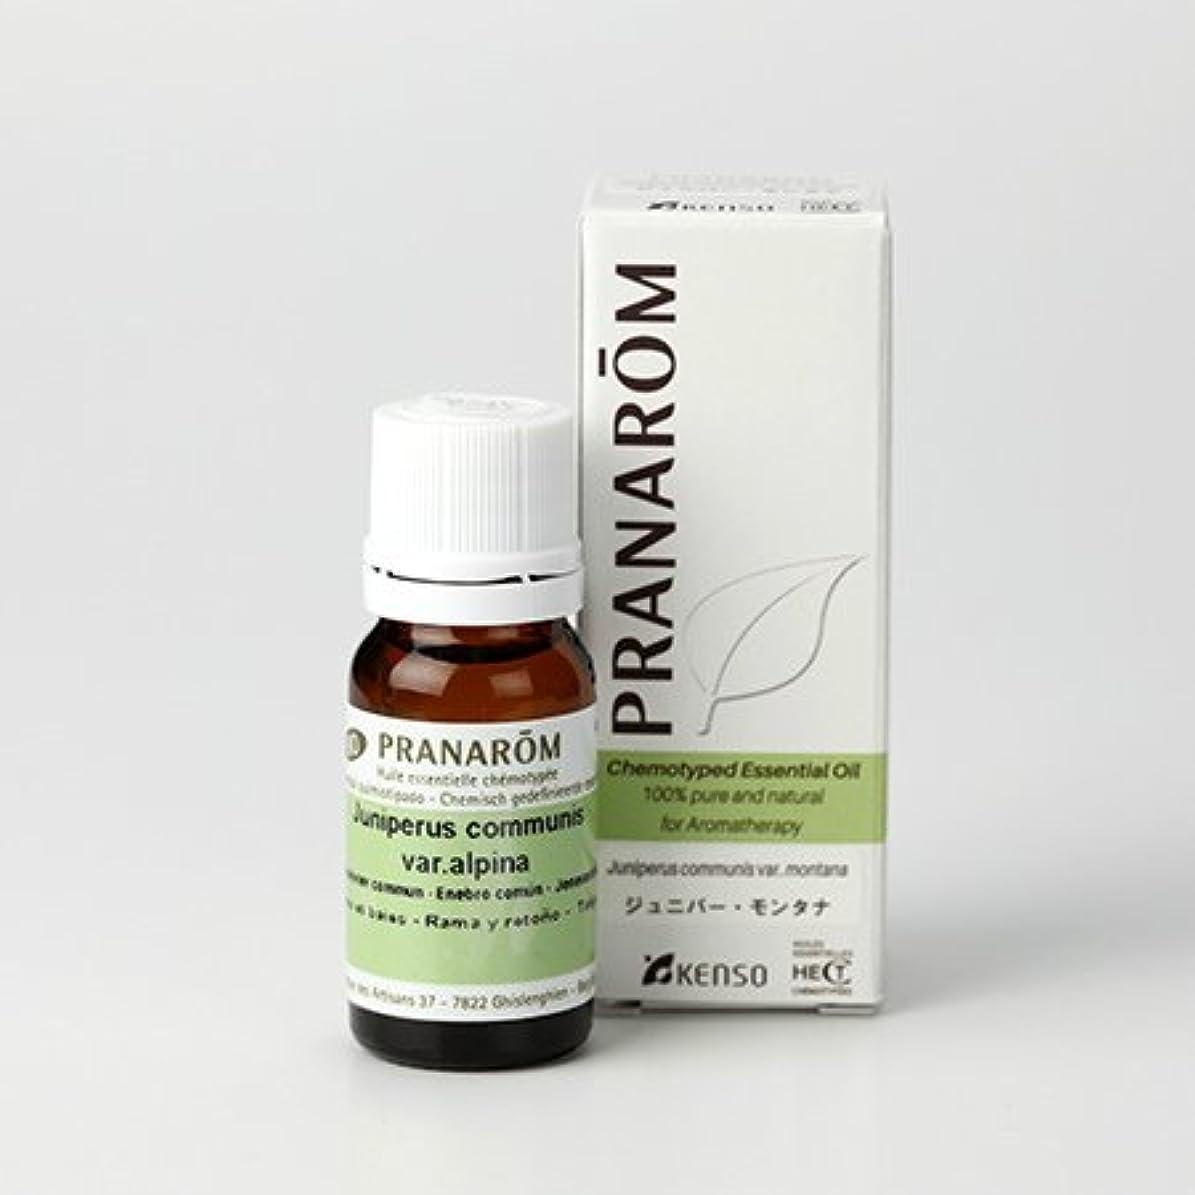 ジョガーエゴイズムドラゴンプラナロム ジュニパーモンタナ 10ml (PRANAROM ケモタイプ精油)